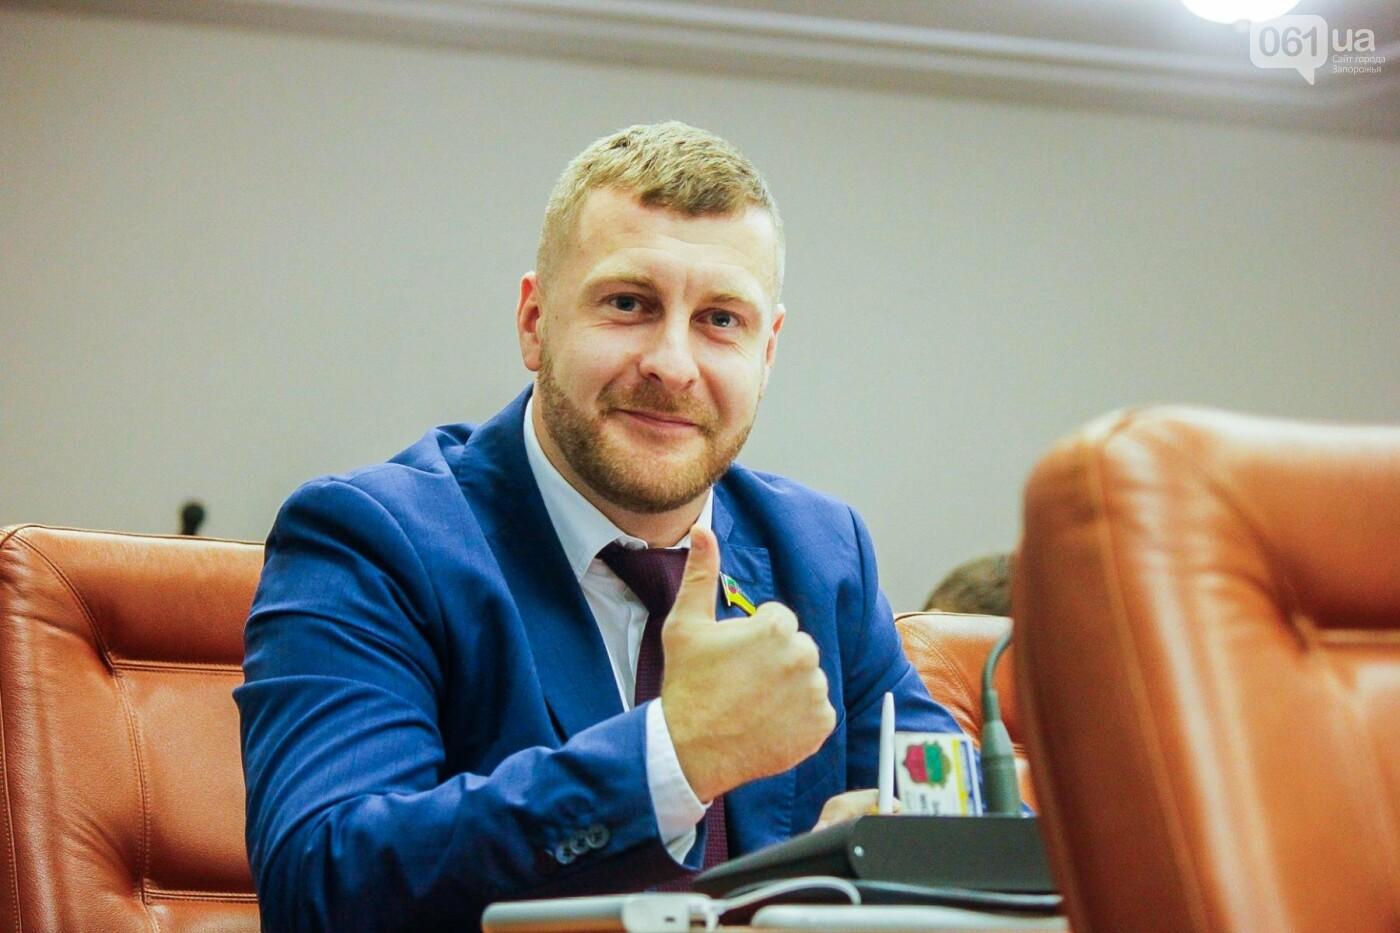 Сессия запорожского горсовета в лицах, - ФОТОРЕПОРТАЖ, фото-17